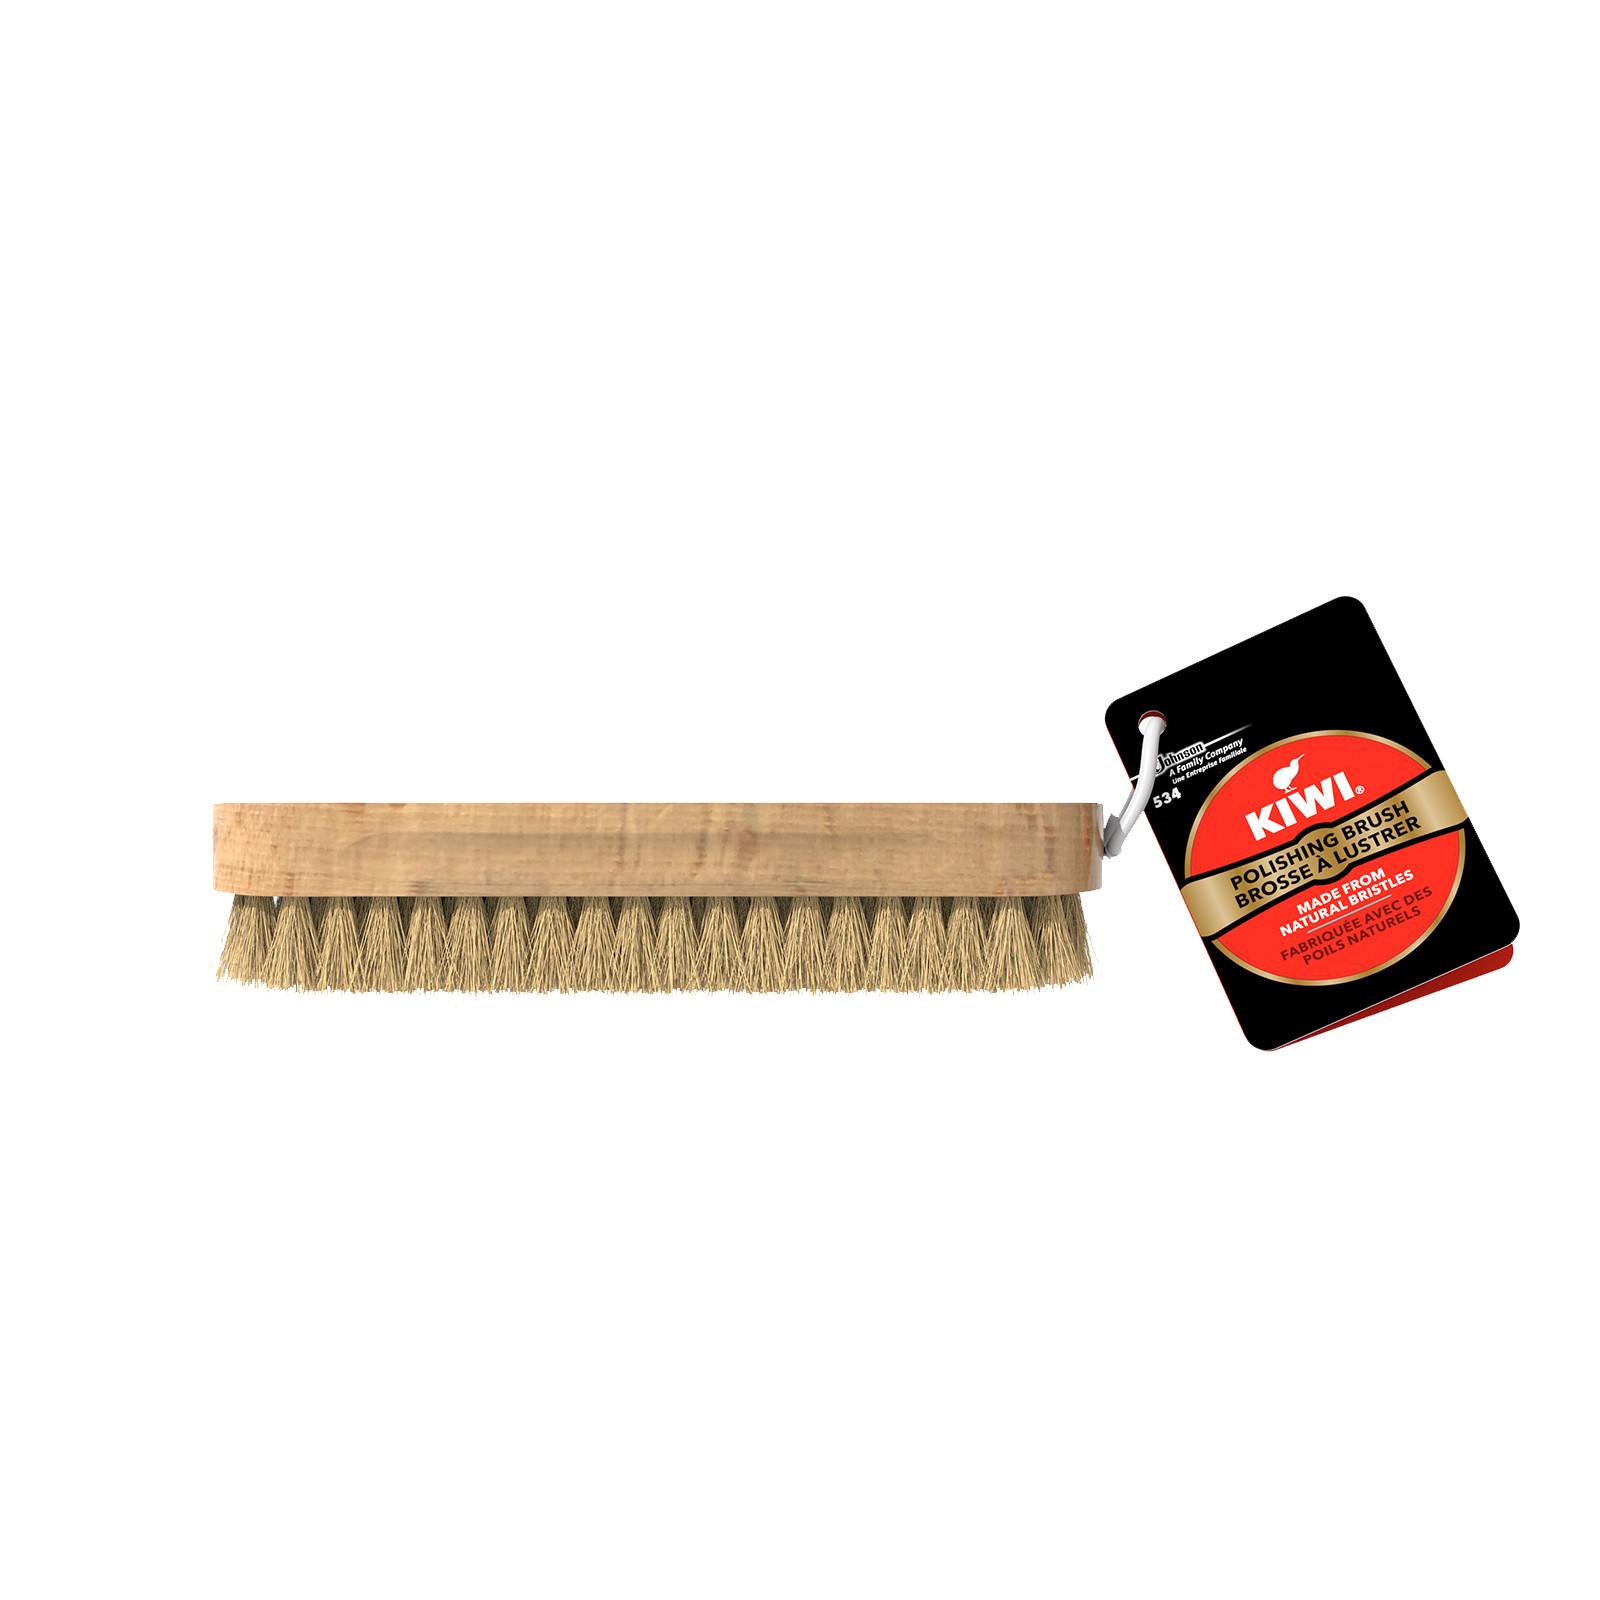 Kiwi Polish Brush